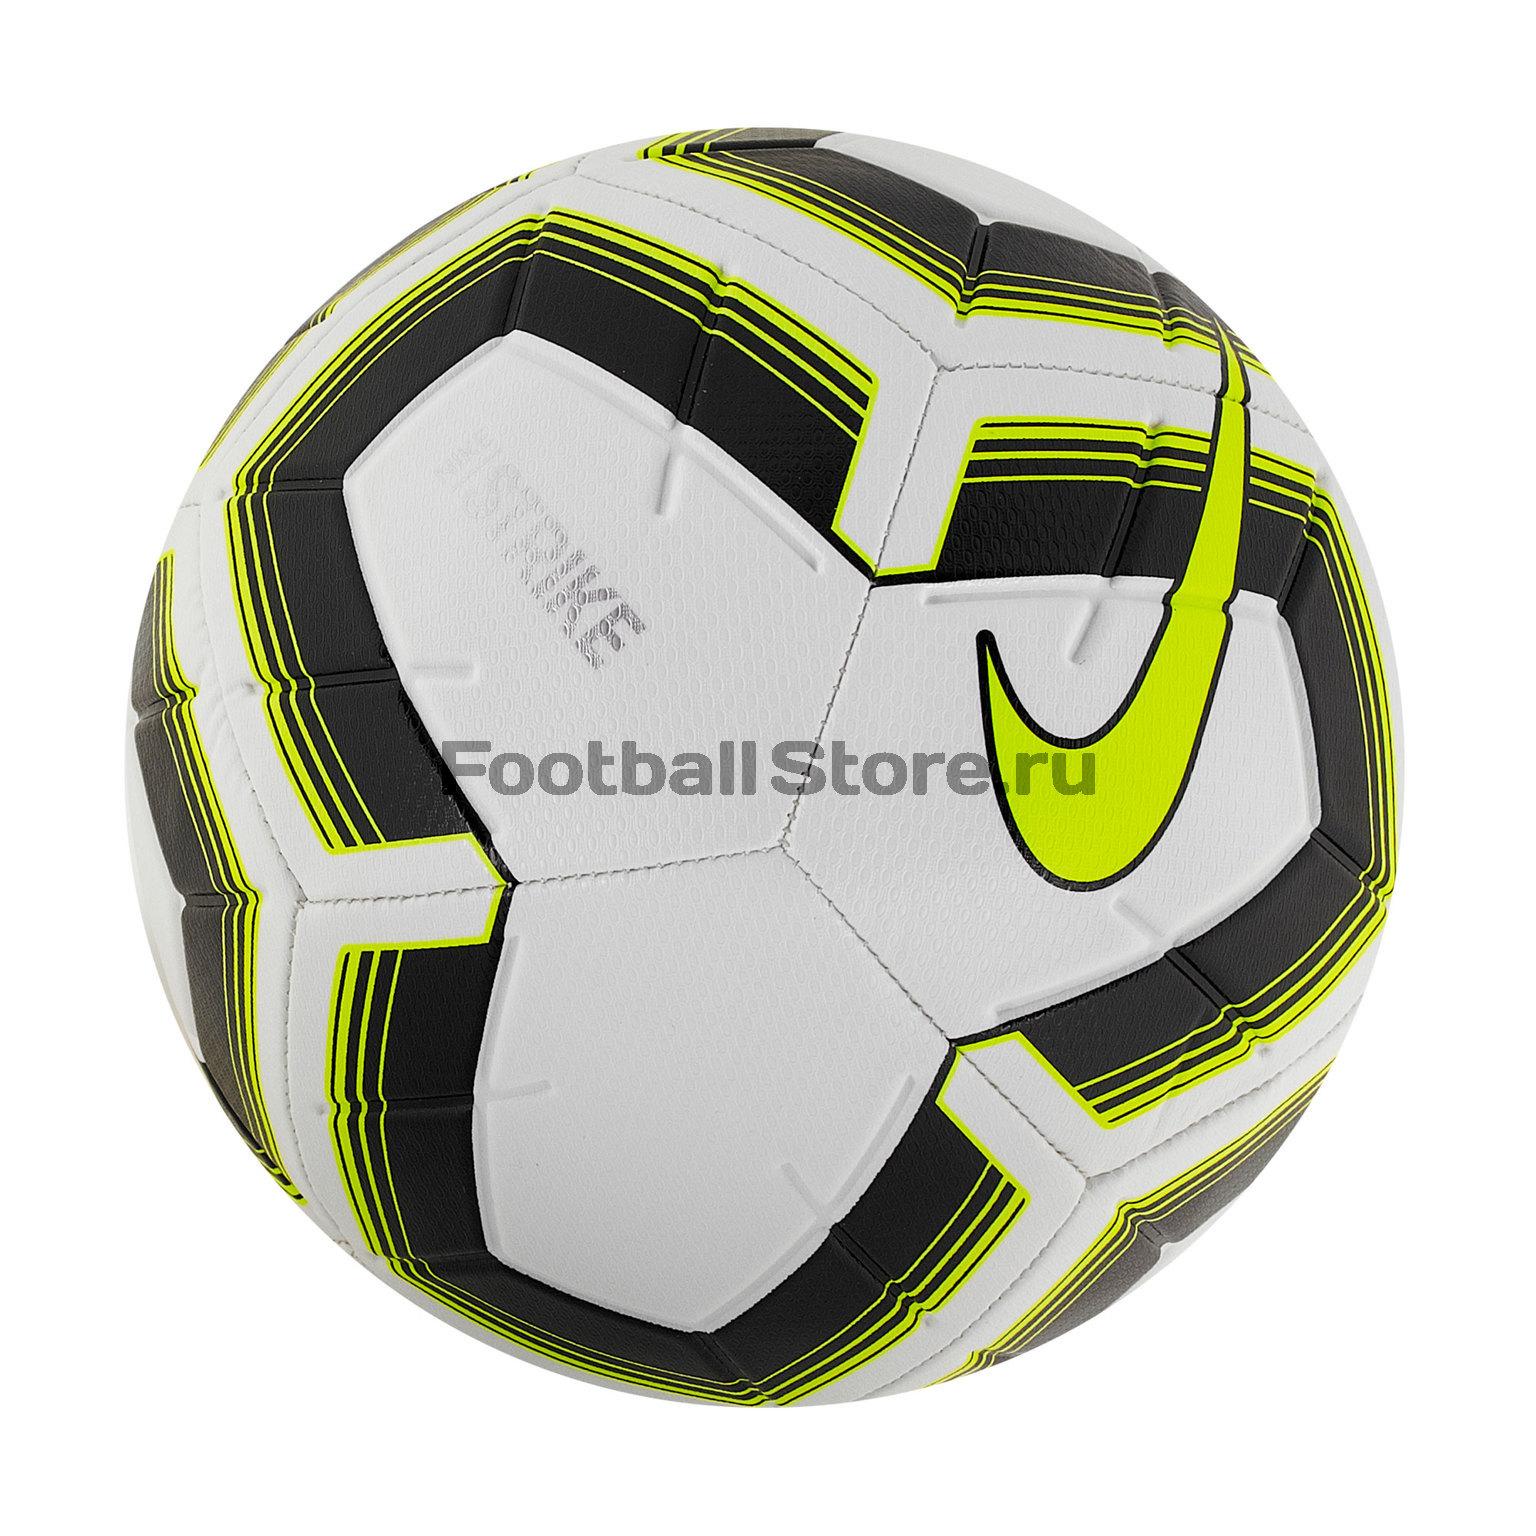 Футбольный мяч Nike Strike Team SC3535-102